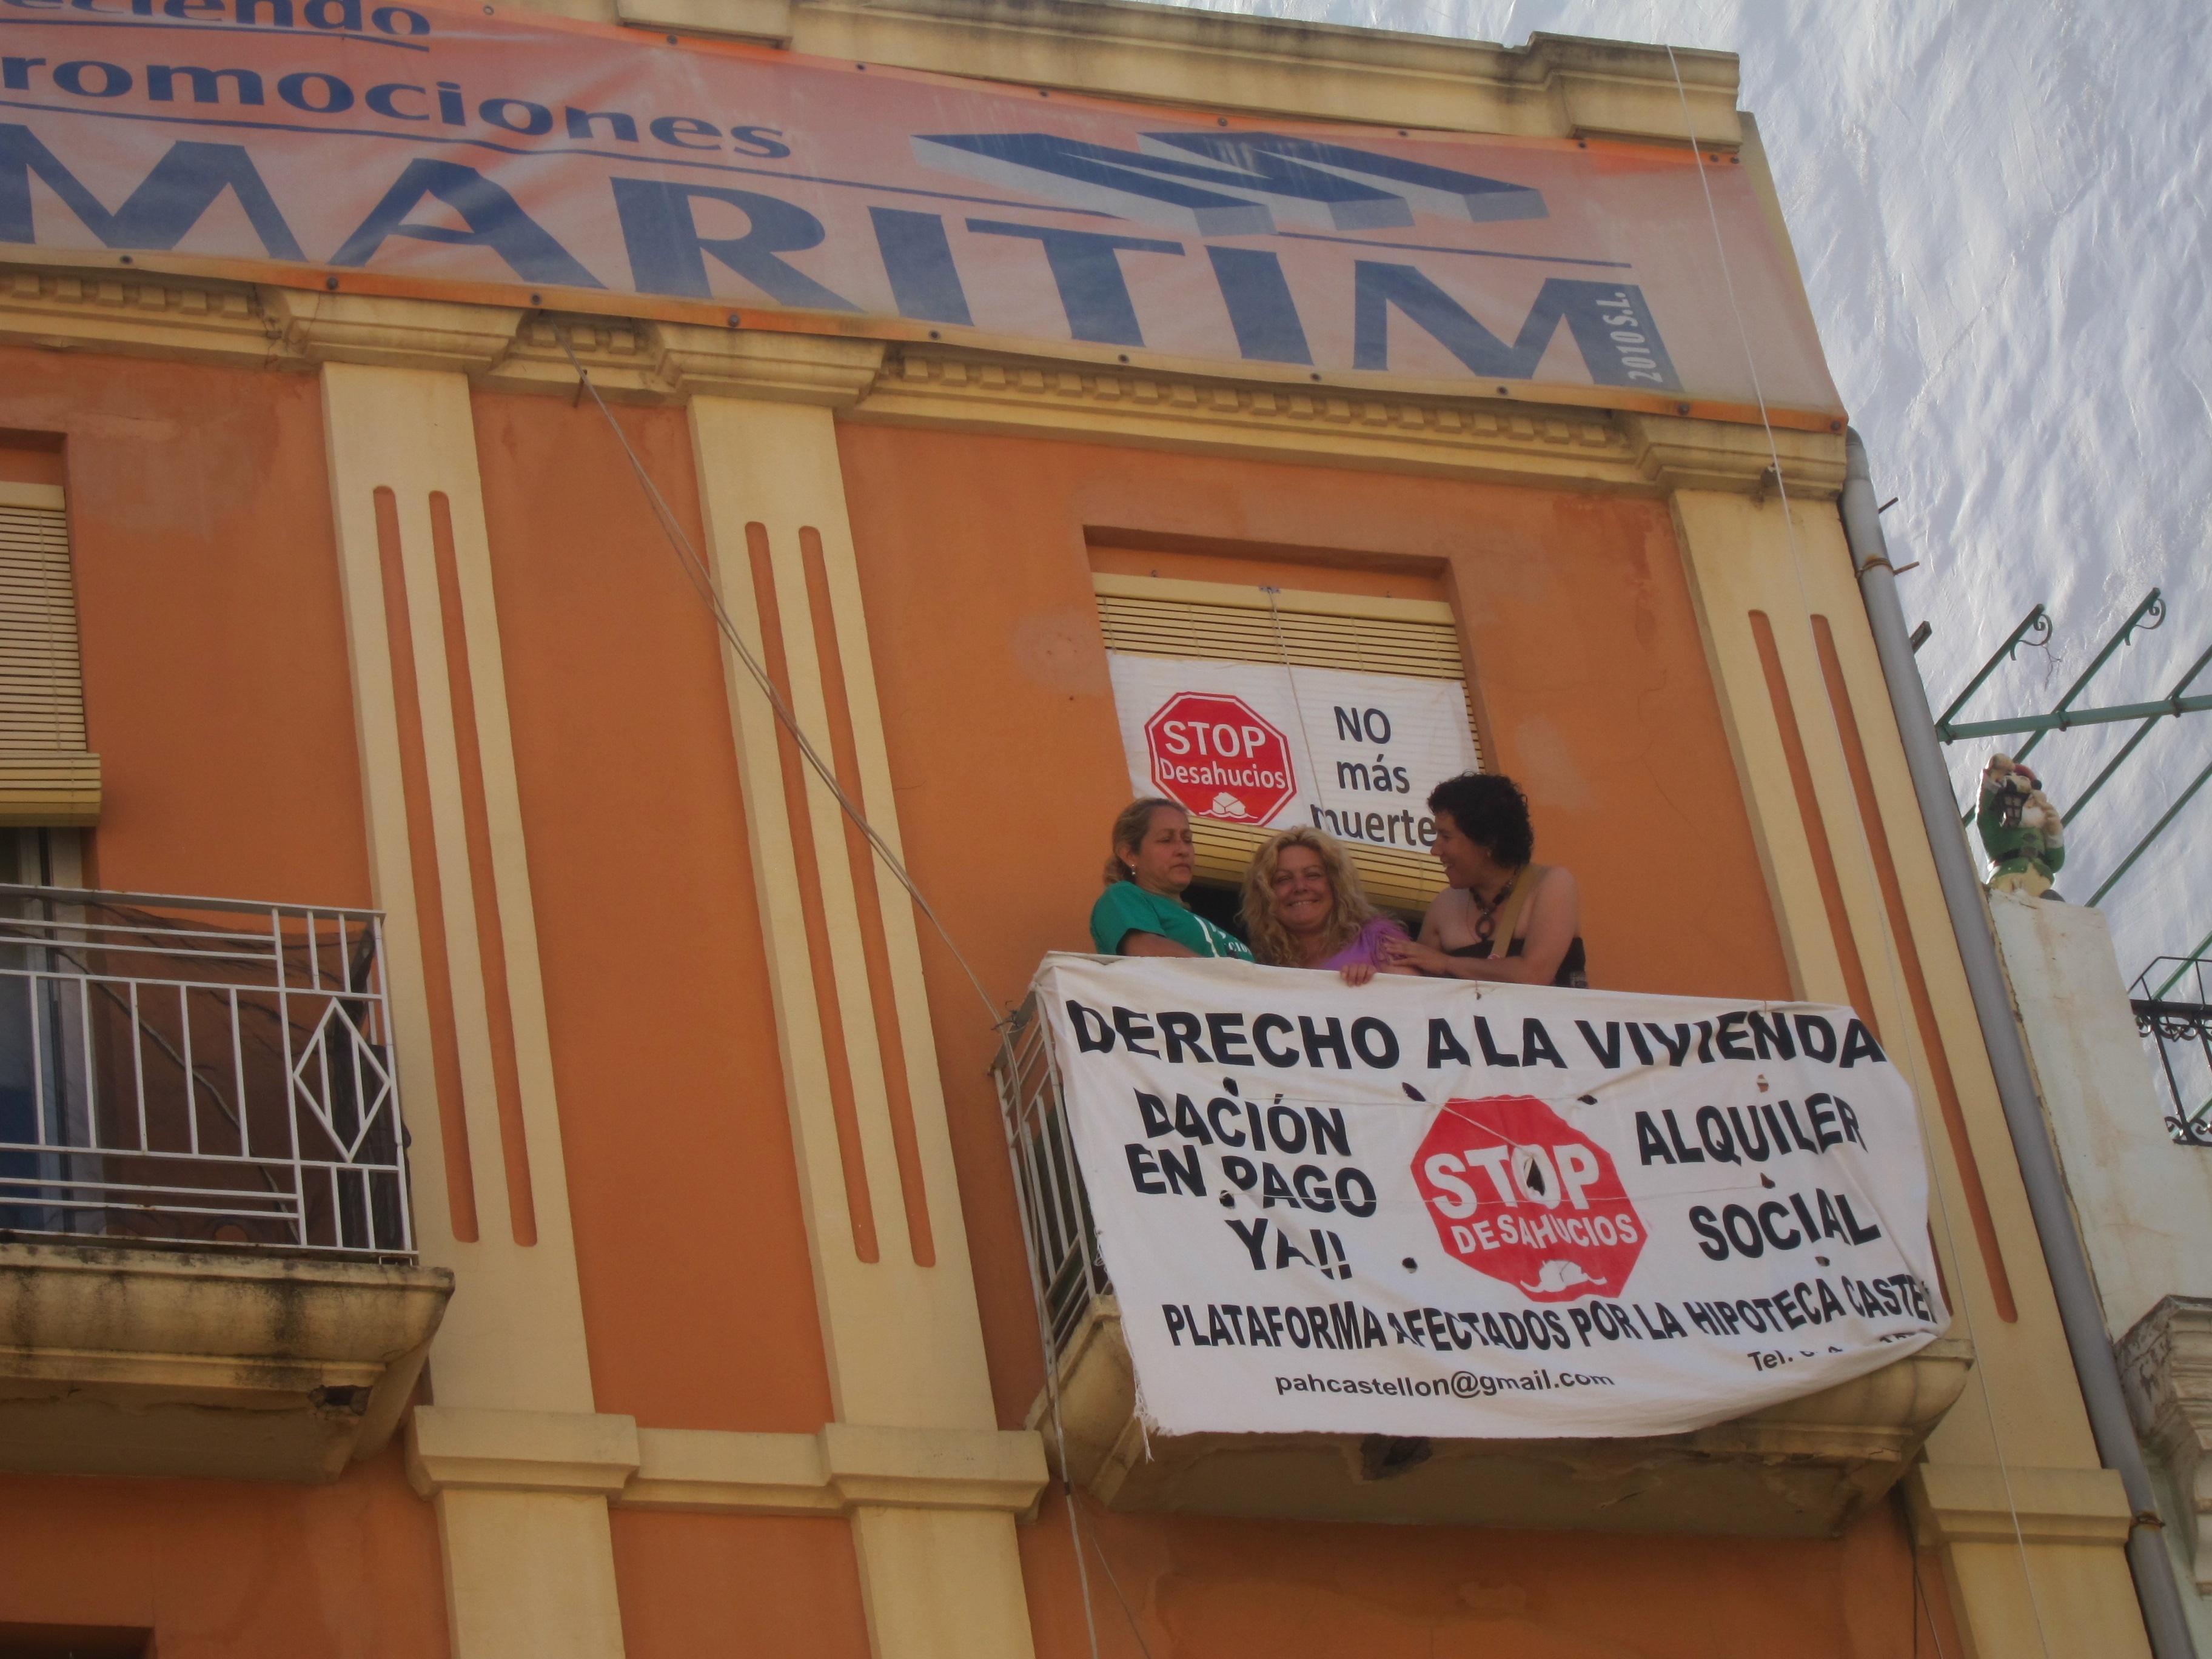 PAH logra aplazar un mes el desahucio de una mujer minusválida y su hija para acondicionar un piso municipal